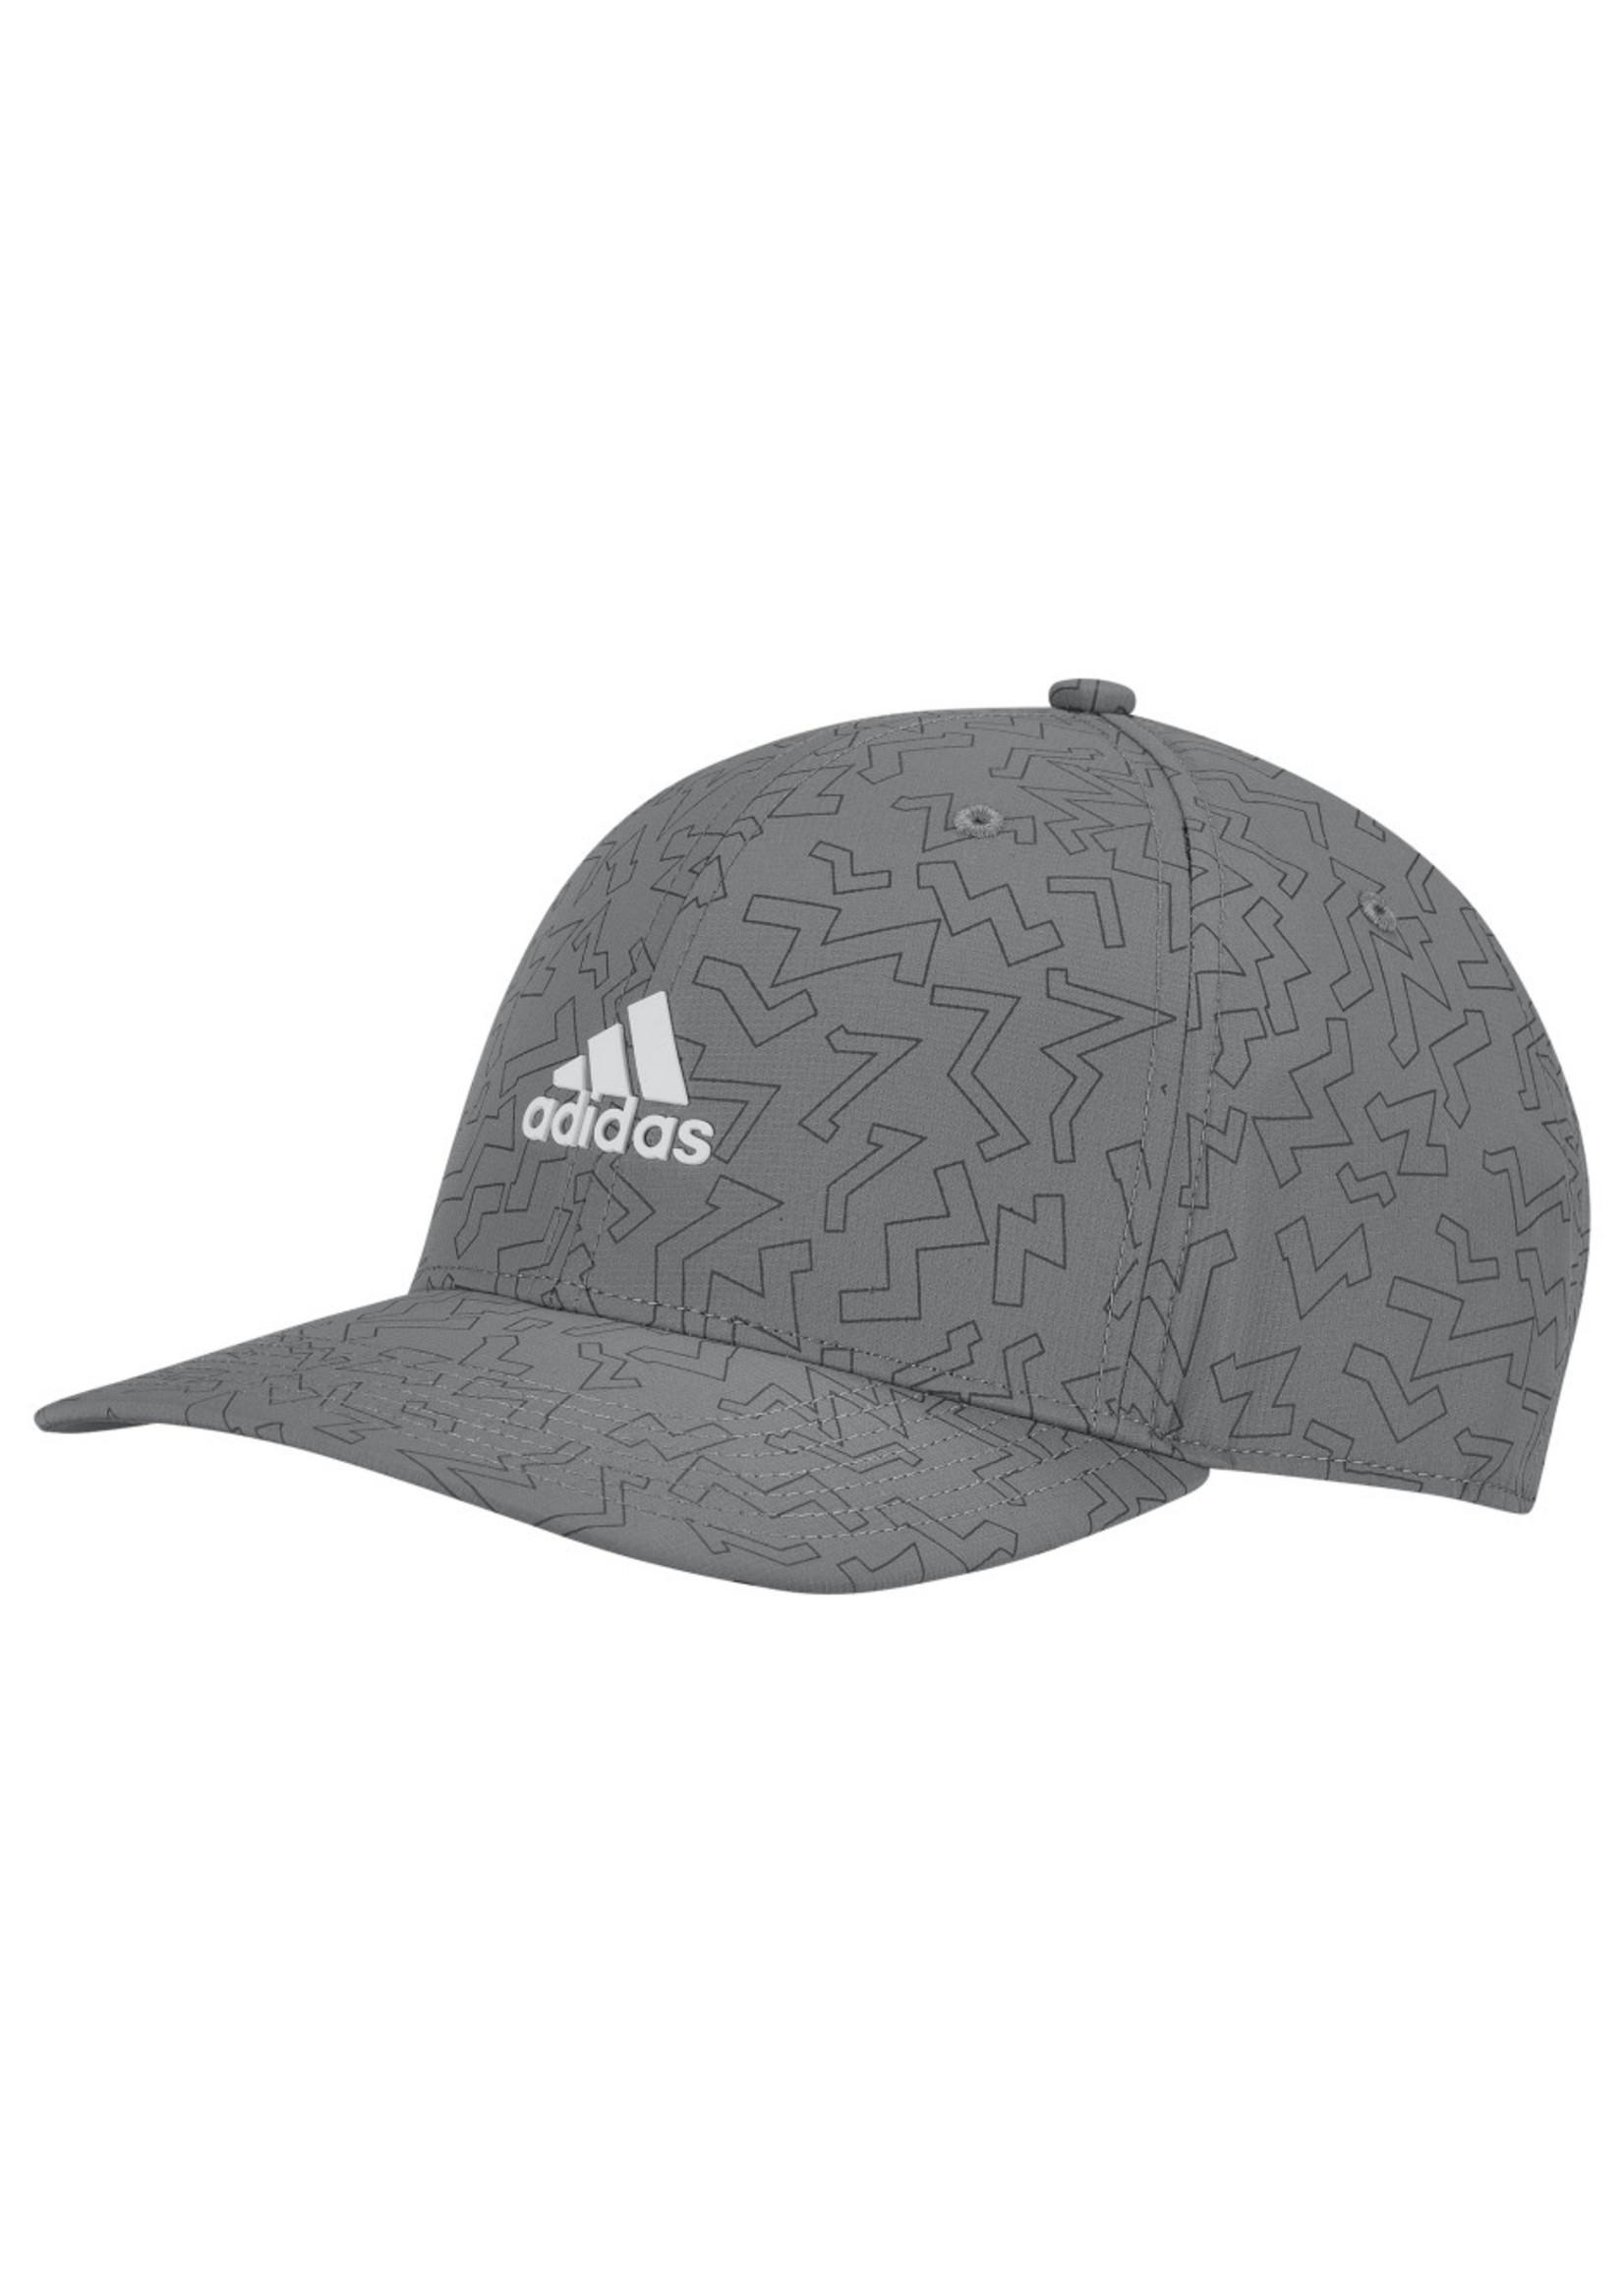 Adidas Adidas Clear Pop Hat, (2020) Grey